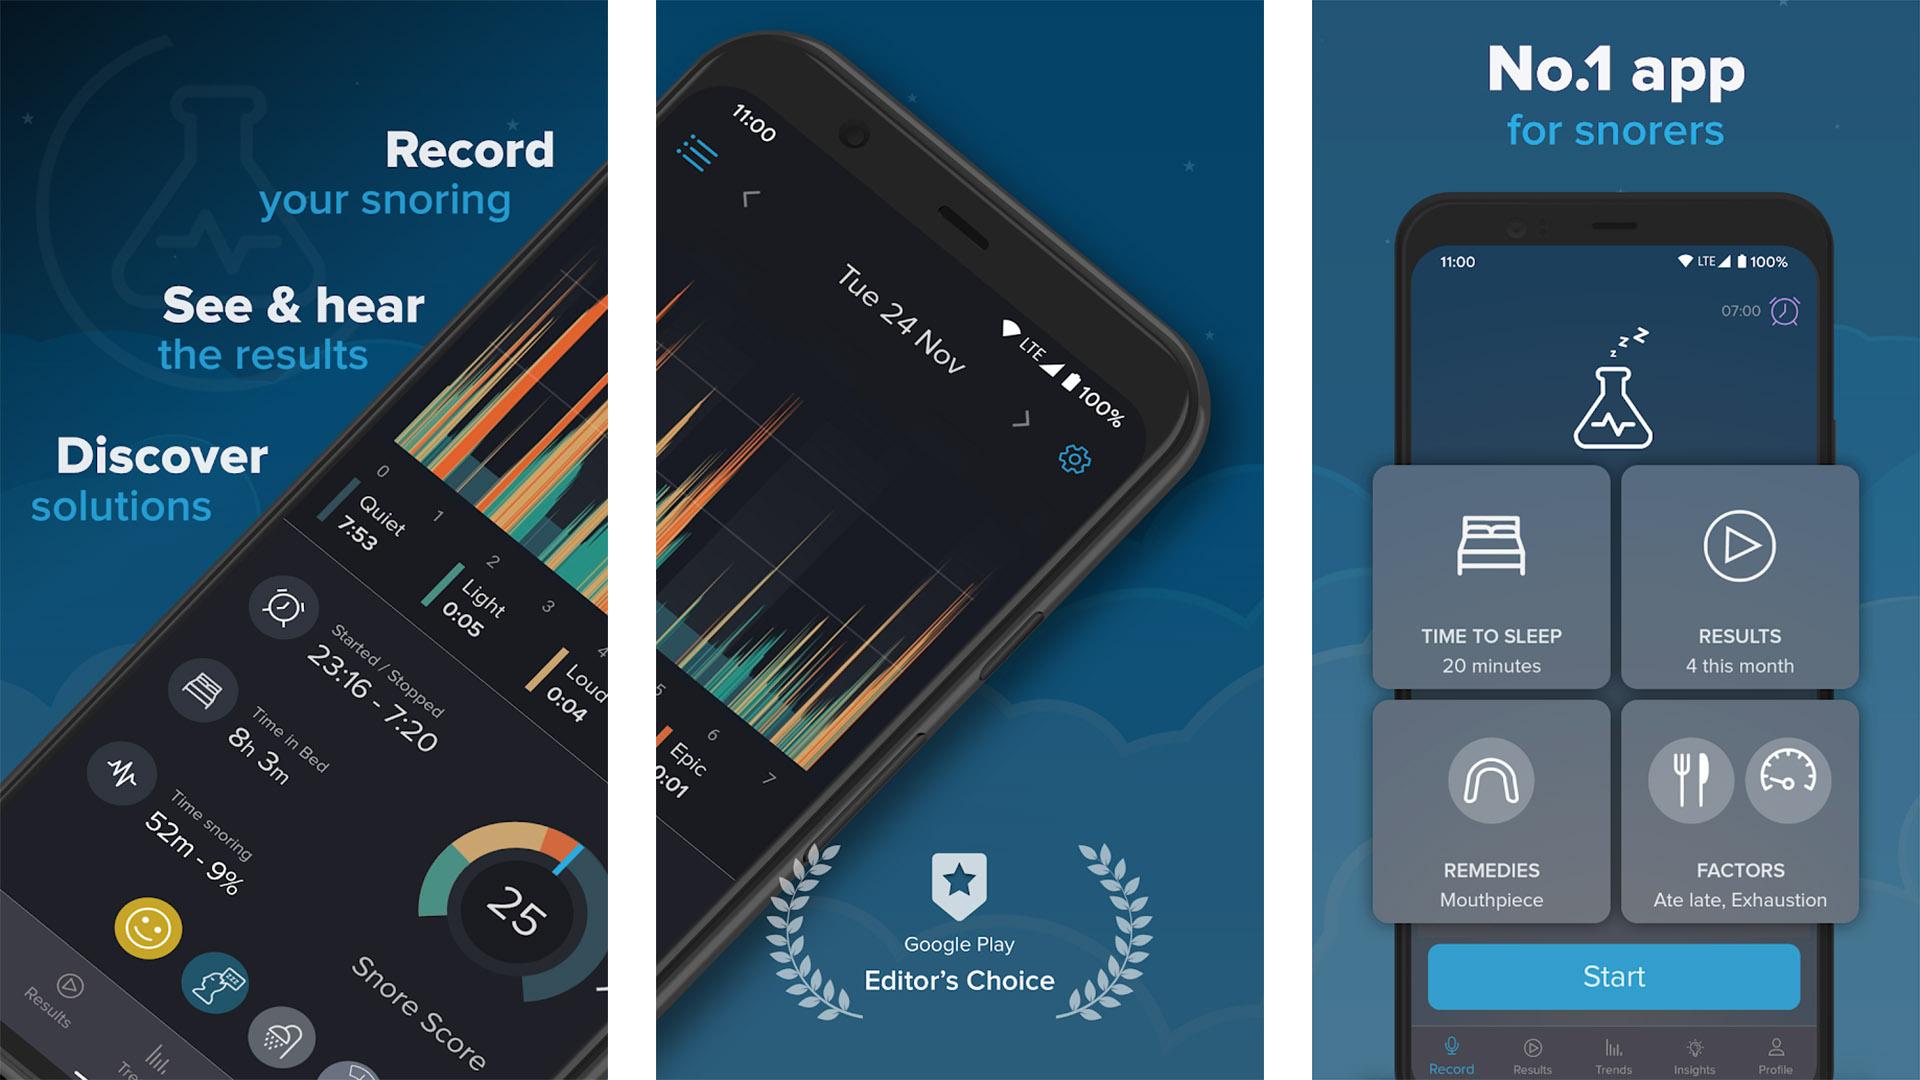 SnoreLab screenshot 2021